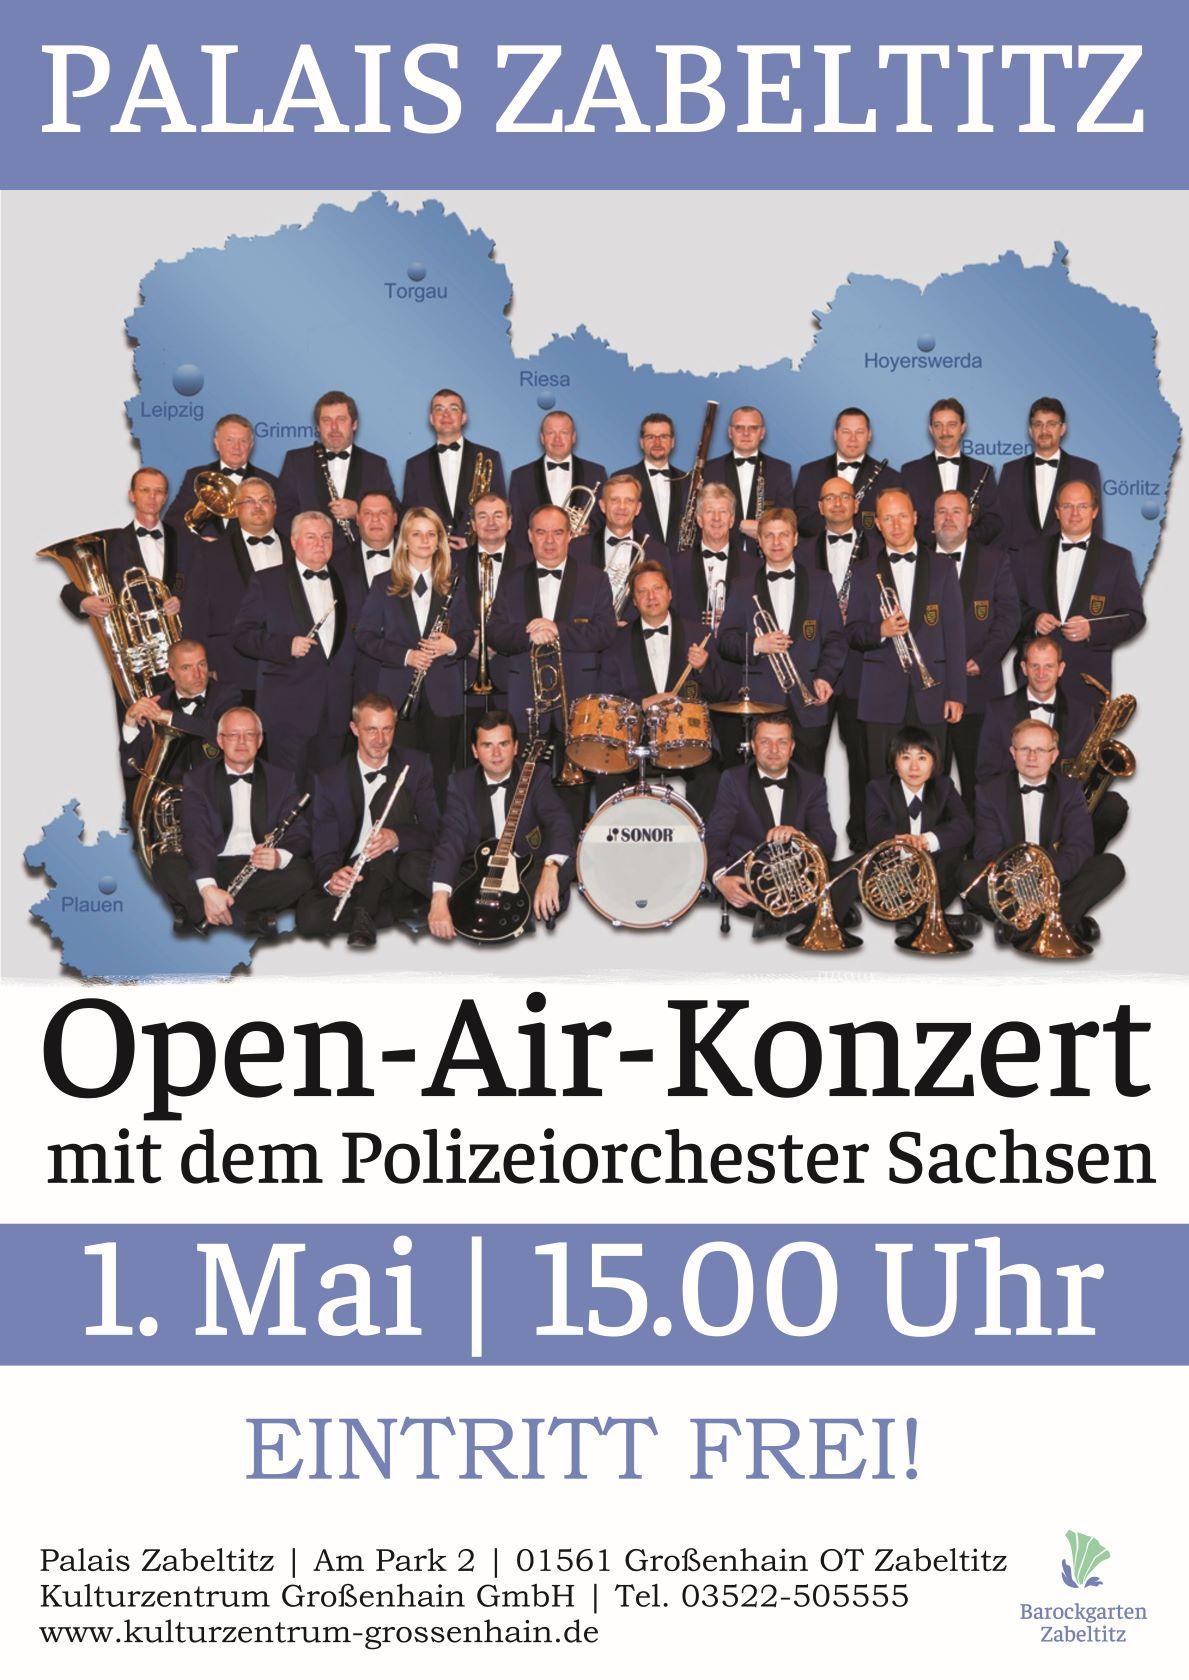 Open Air Konzert des Polizeiorchesters Sachsen am Palais Zabeltitz